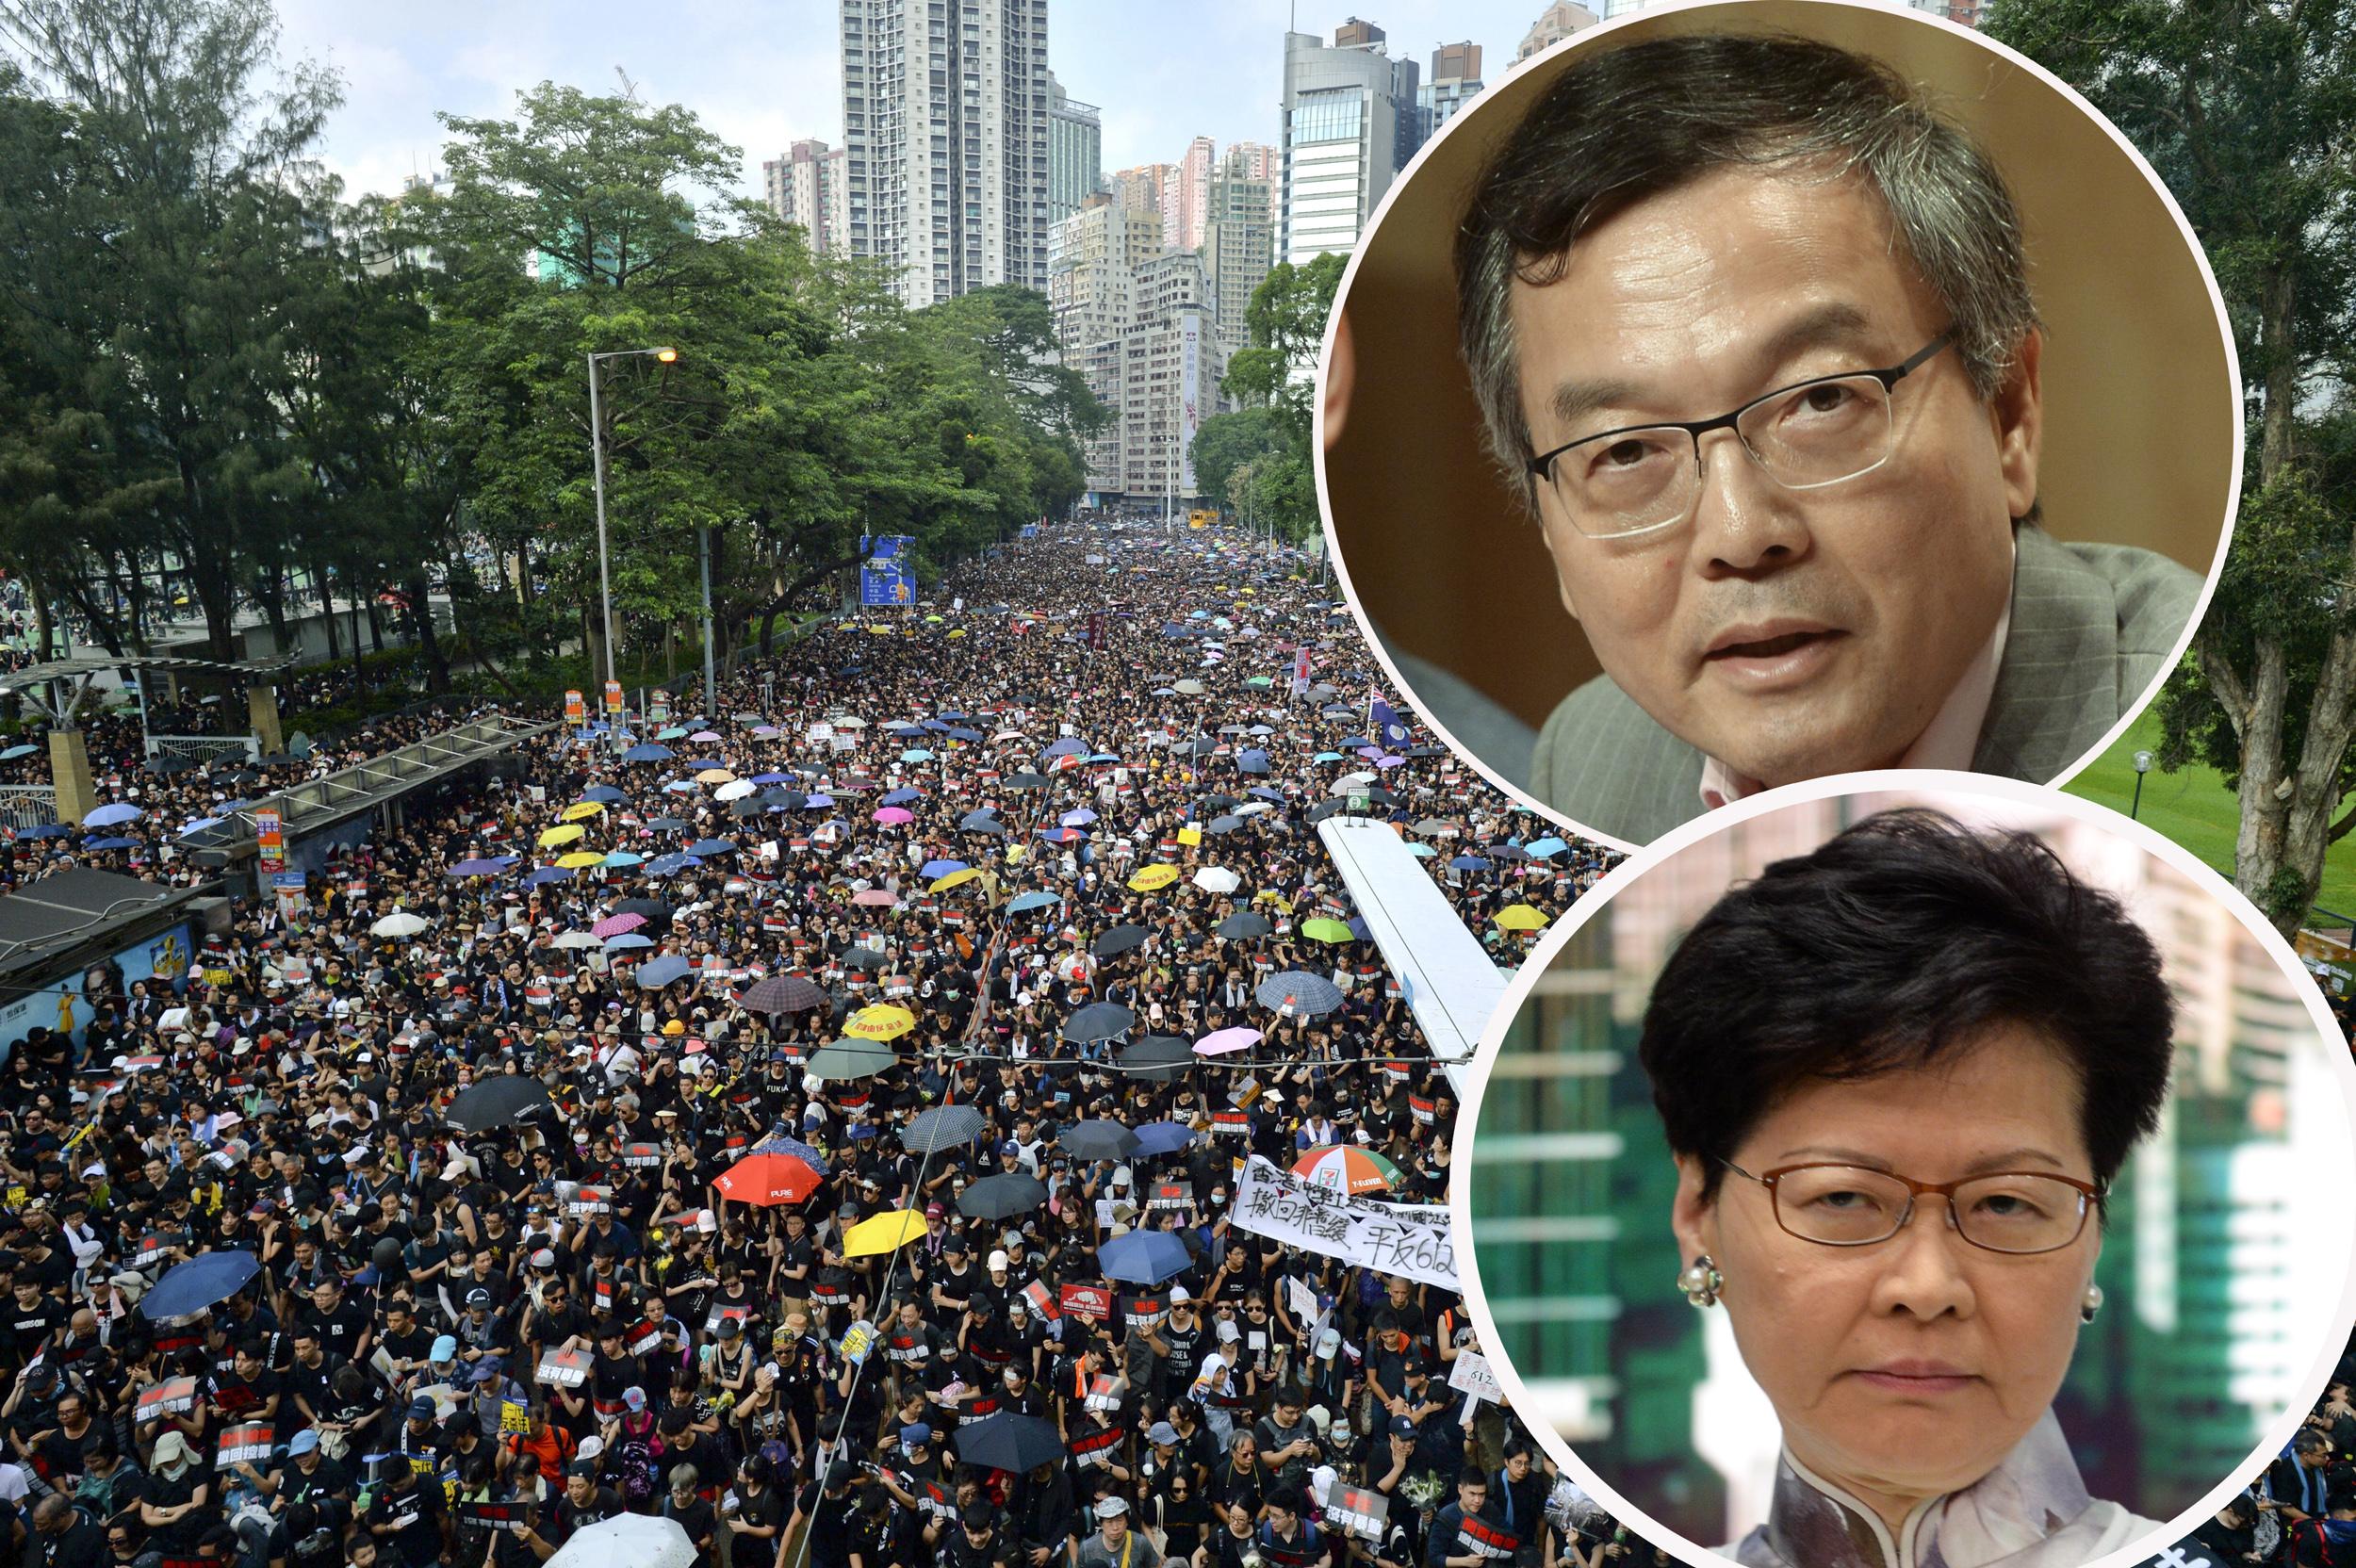 林正財(上小圖)表示,行政長官林鄭月娥(下小圖)早於6月9日遊行前已經有歉意。 資料圖片